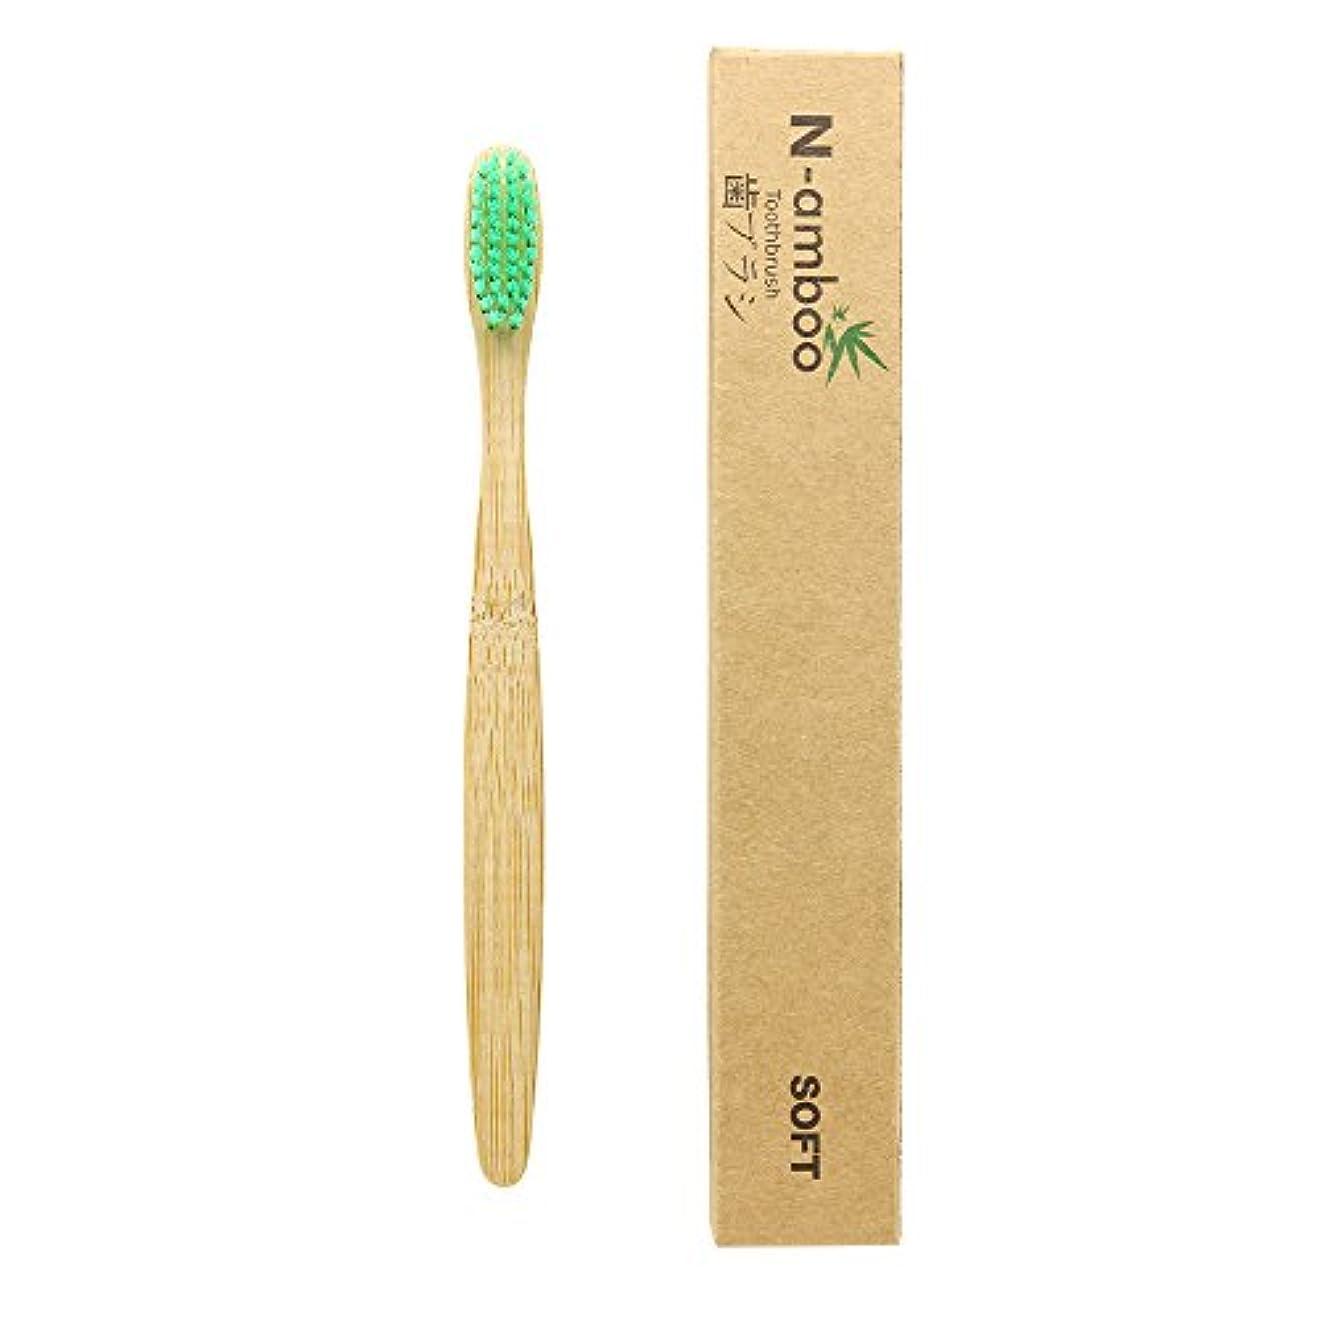 ドール蒸留繁栄するN-amboo 歯ブラシ 1本入り 竹製 高耐久性 緑 エコ